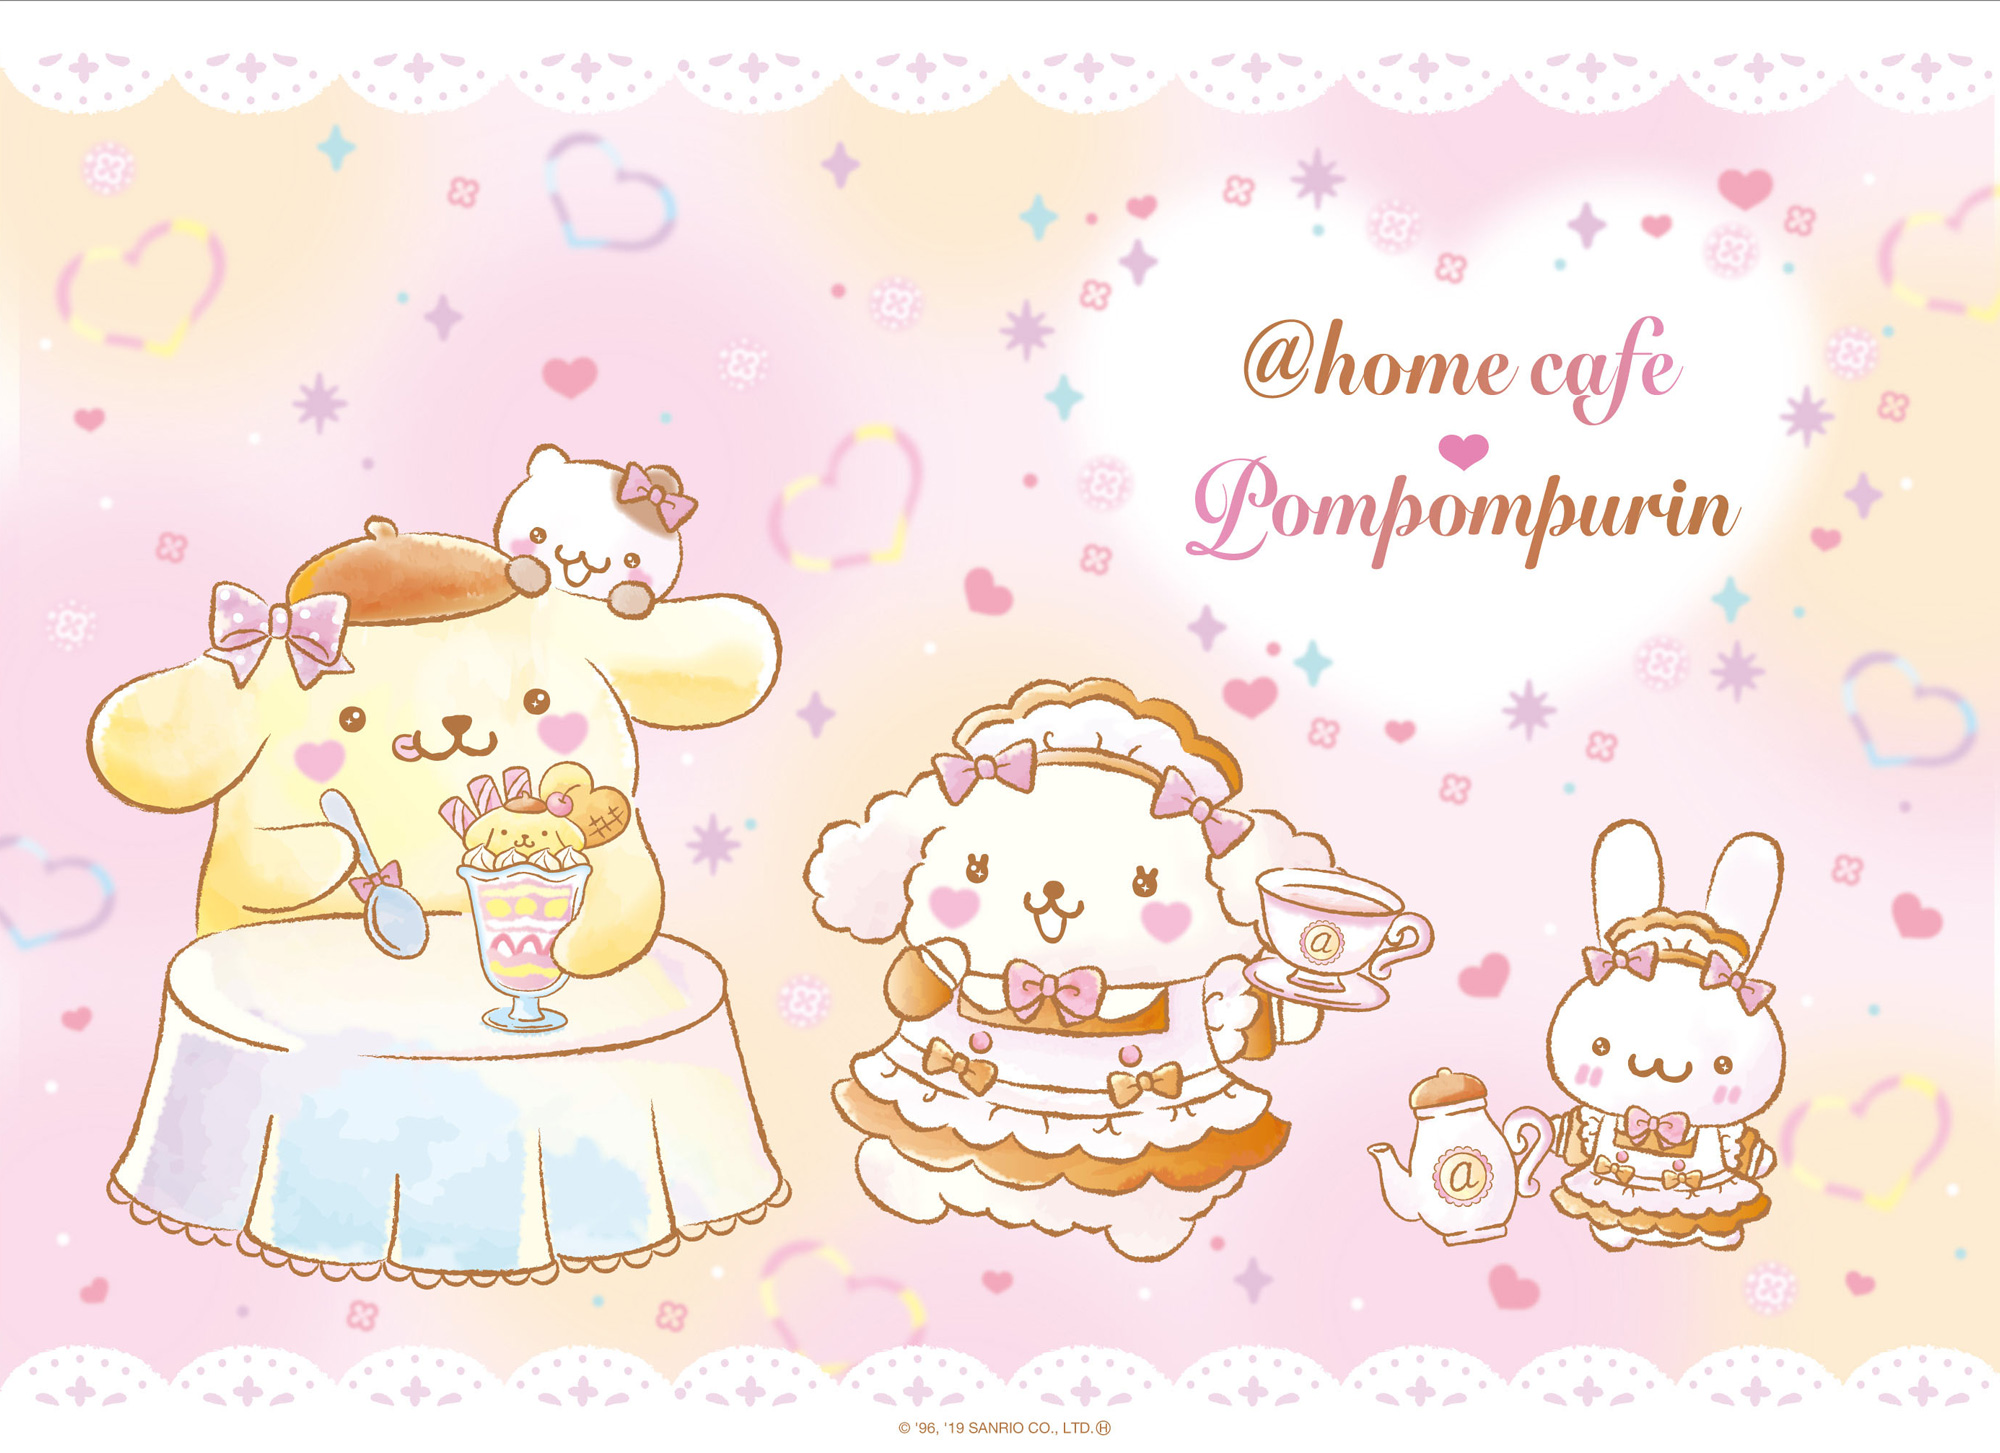 プリン カフェ ポムポム